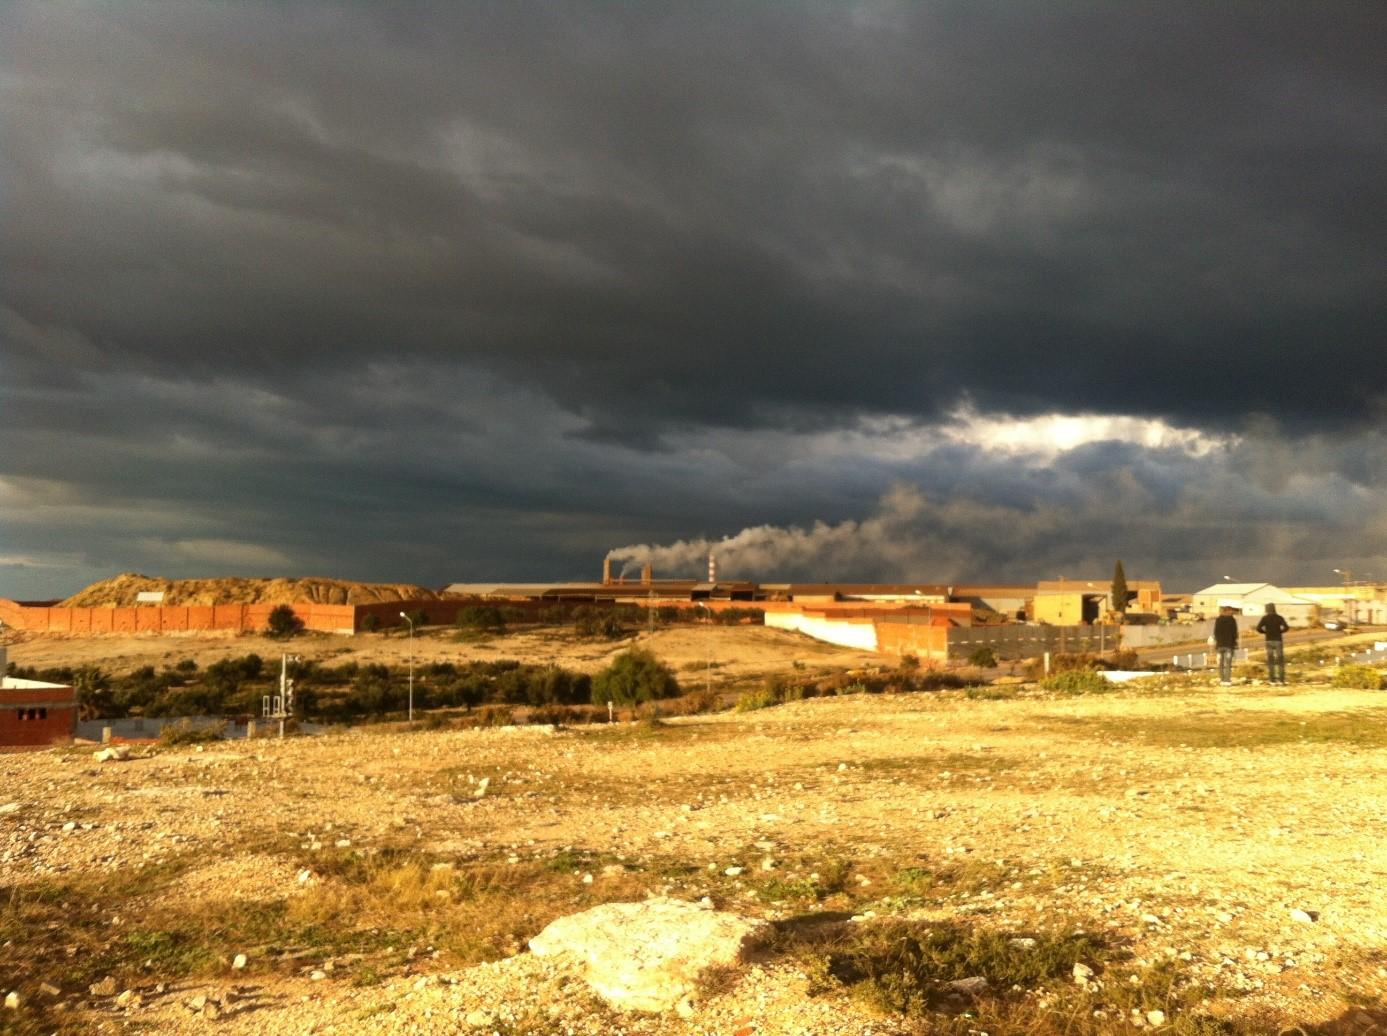 (Français) Kalaa Sghira : Le pollueur porte plainte contre ses victimes !